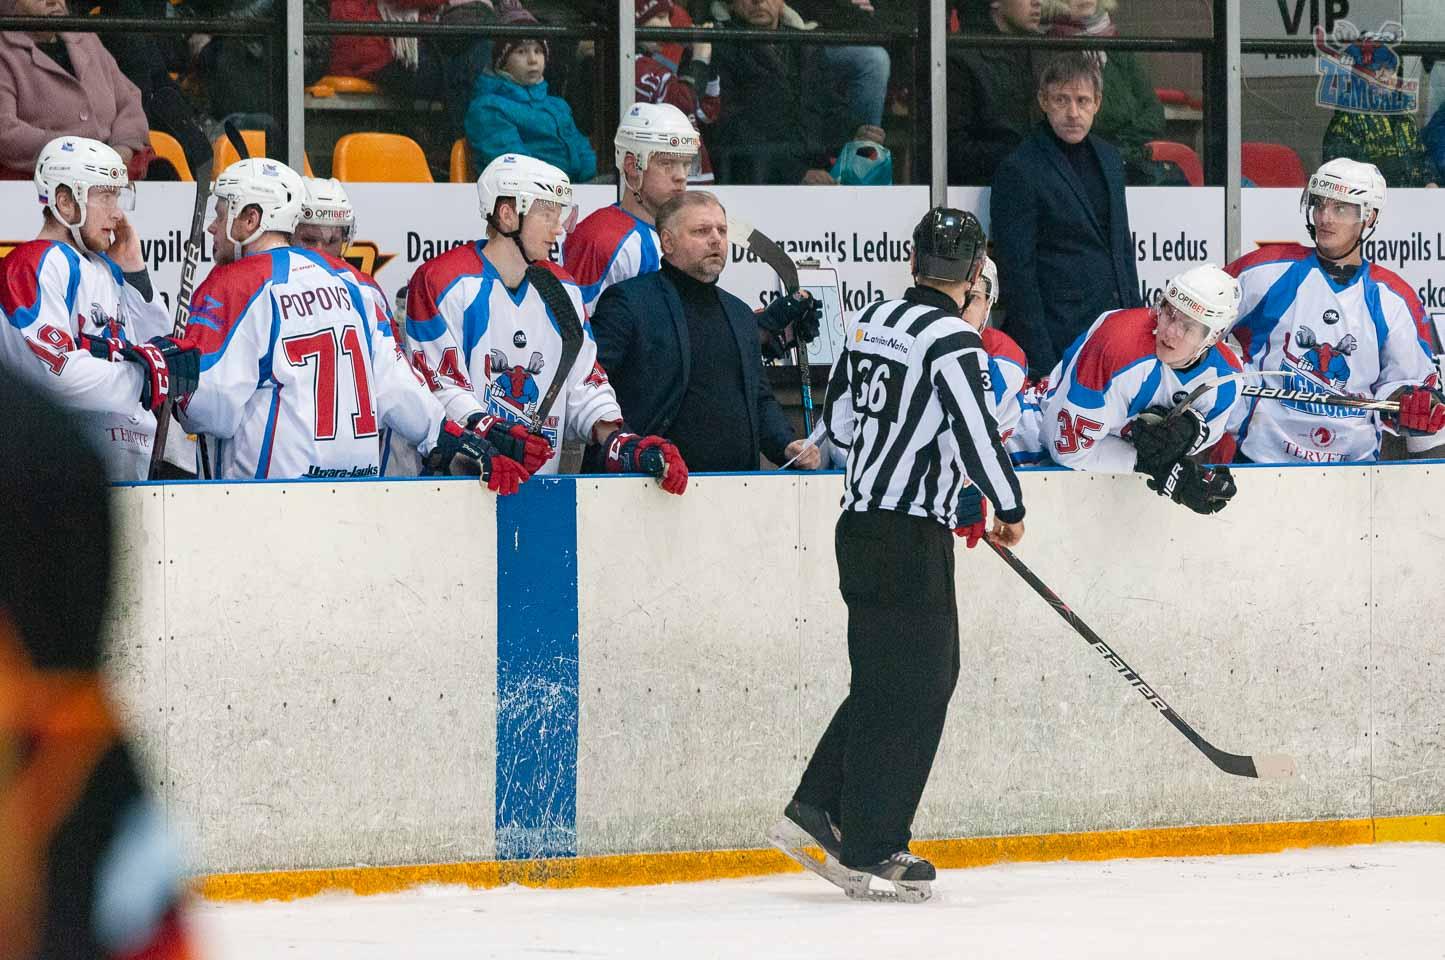 Tiesnesis skaidro savu lēmumu hokeja komandas trenerim uz rezerves soliņa